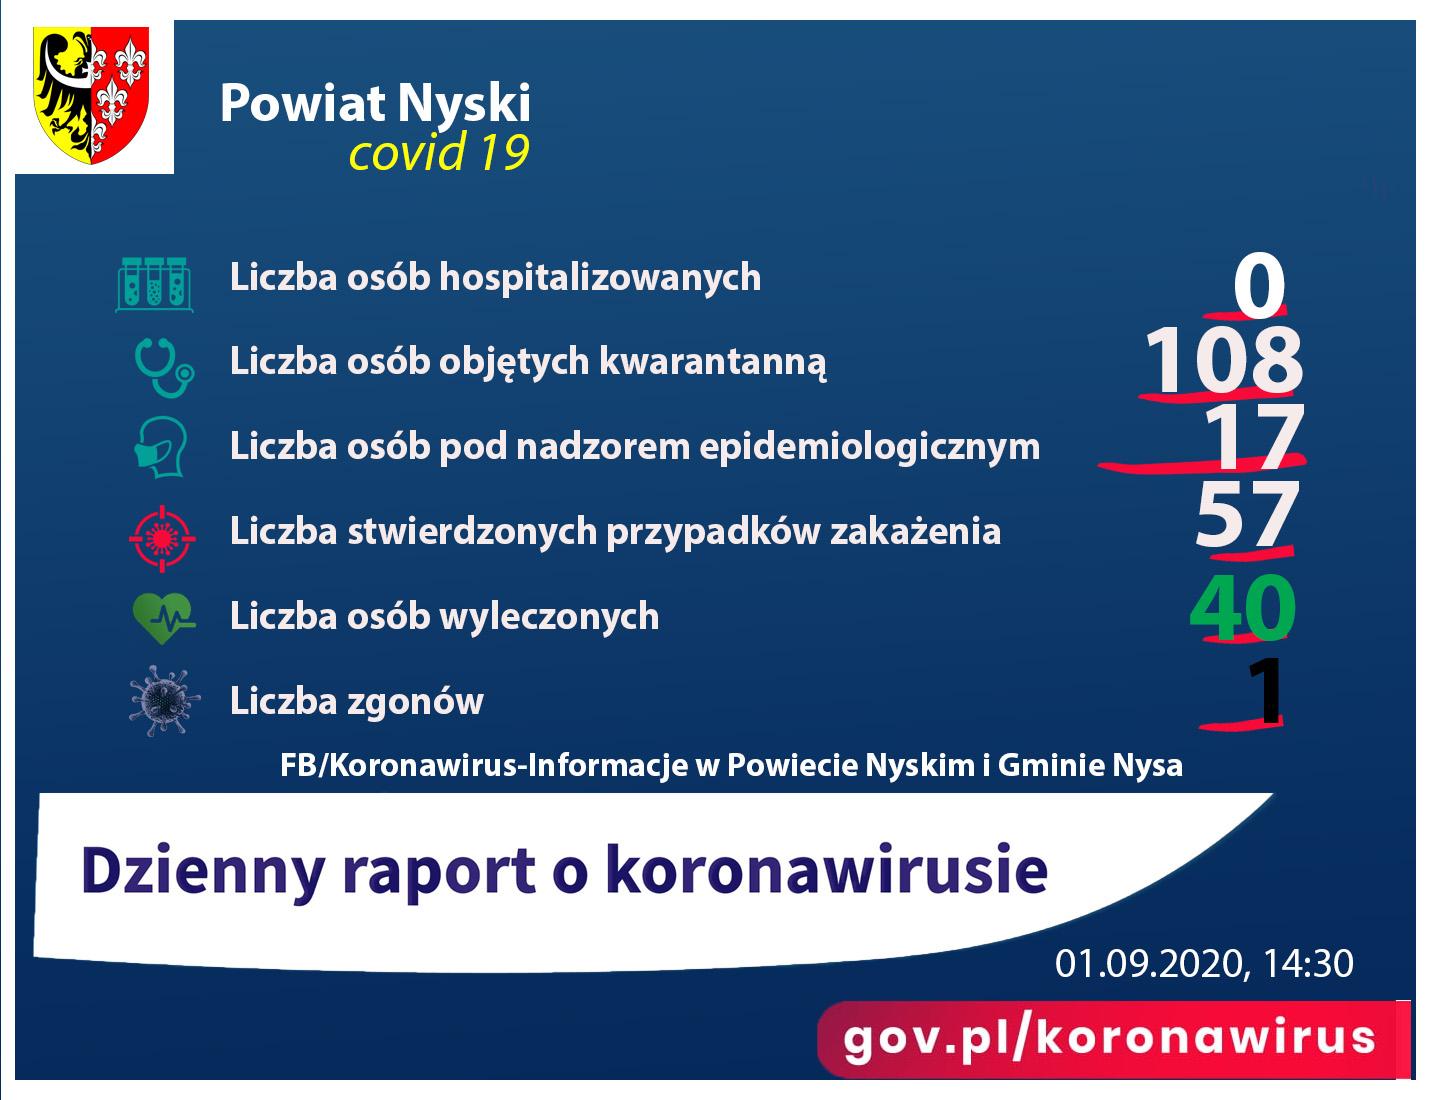 Raport przedstawia sytuację epidemiologiczną - liczbę zakażeń, osób hospitalizowanych